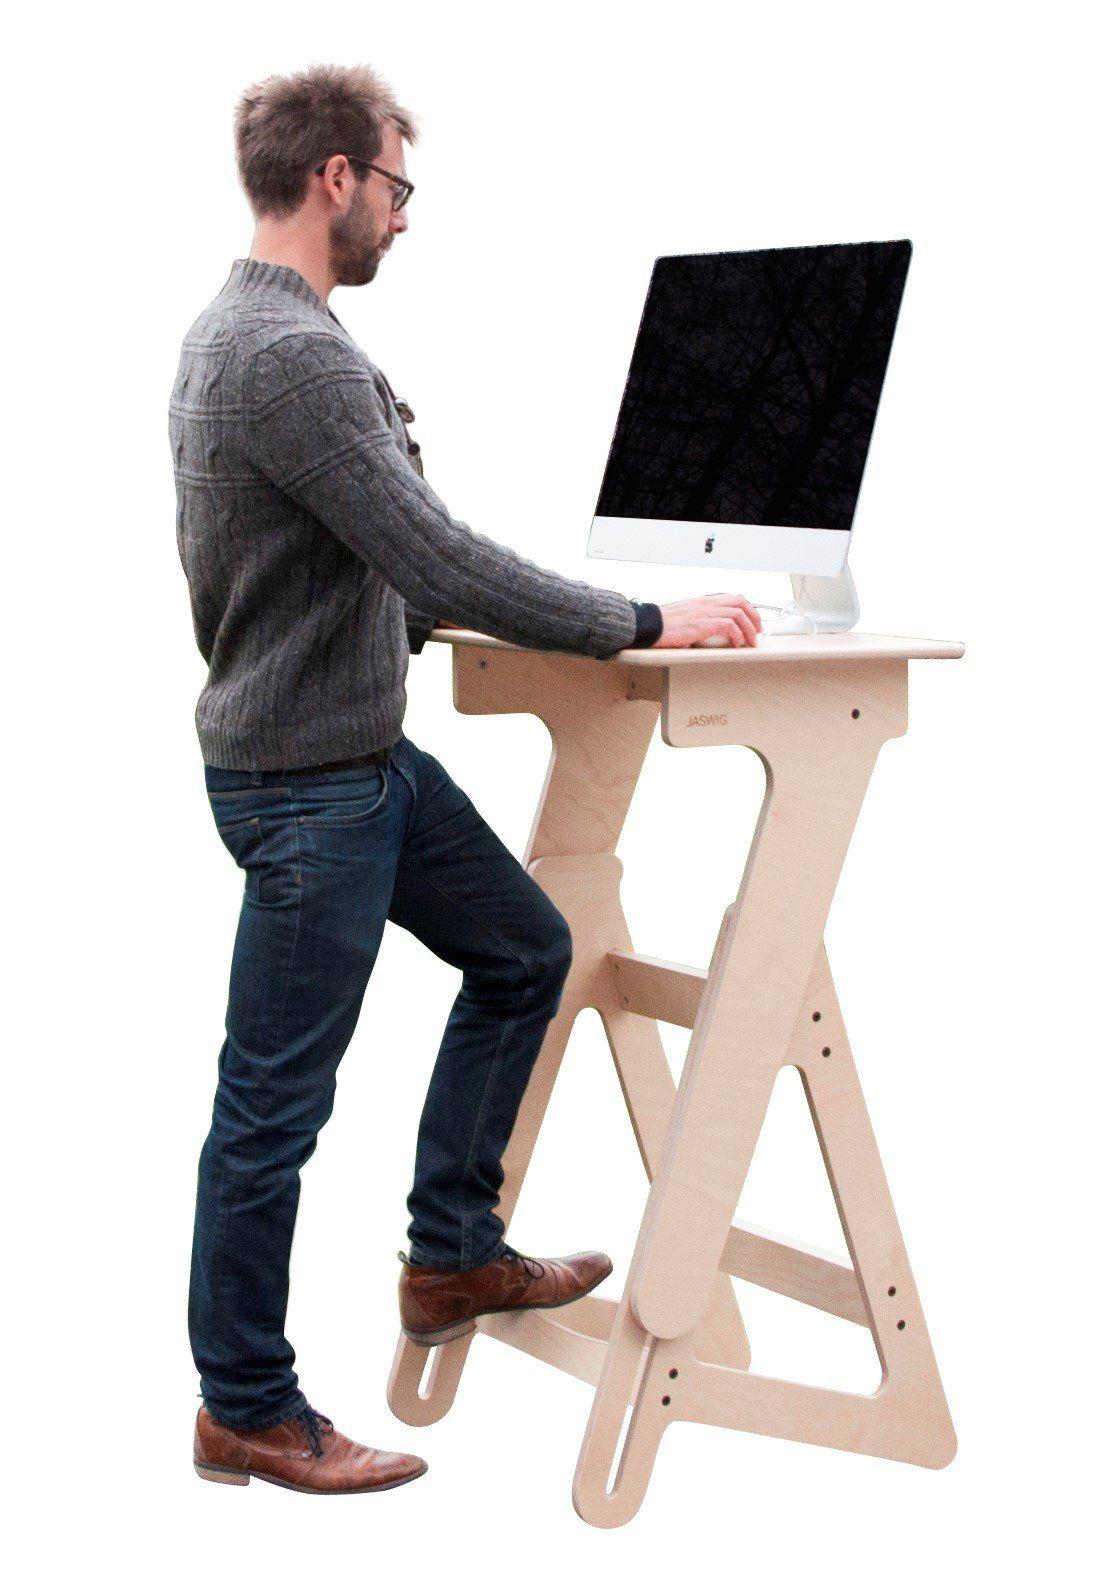 desks for office. Adjustable Height Stand Up Desk, Wood Standing Desk For Office And Home, Ergonomic Desks S